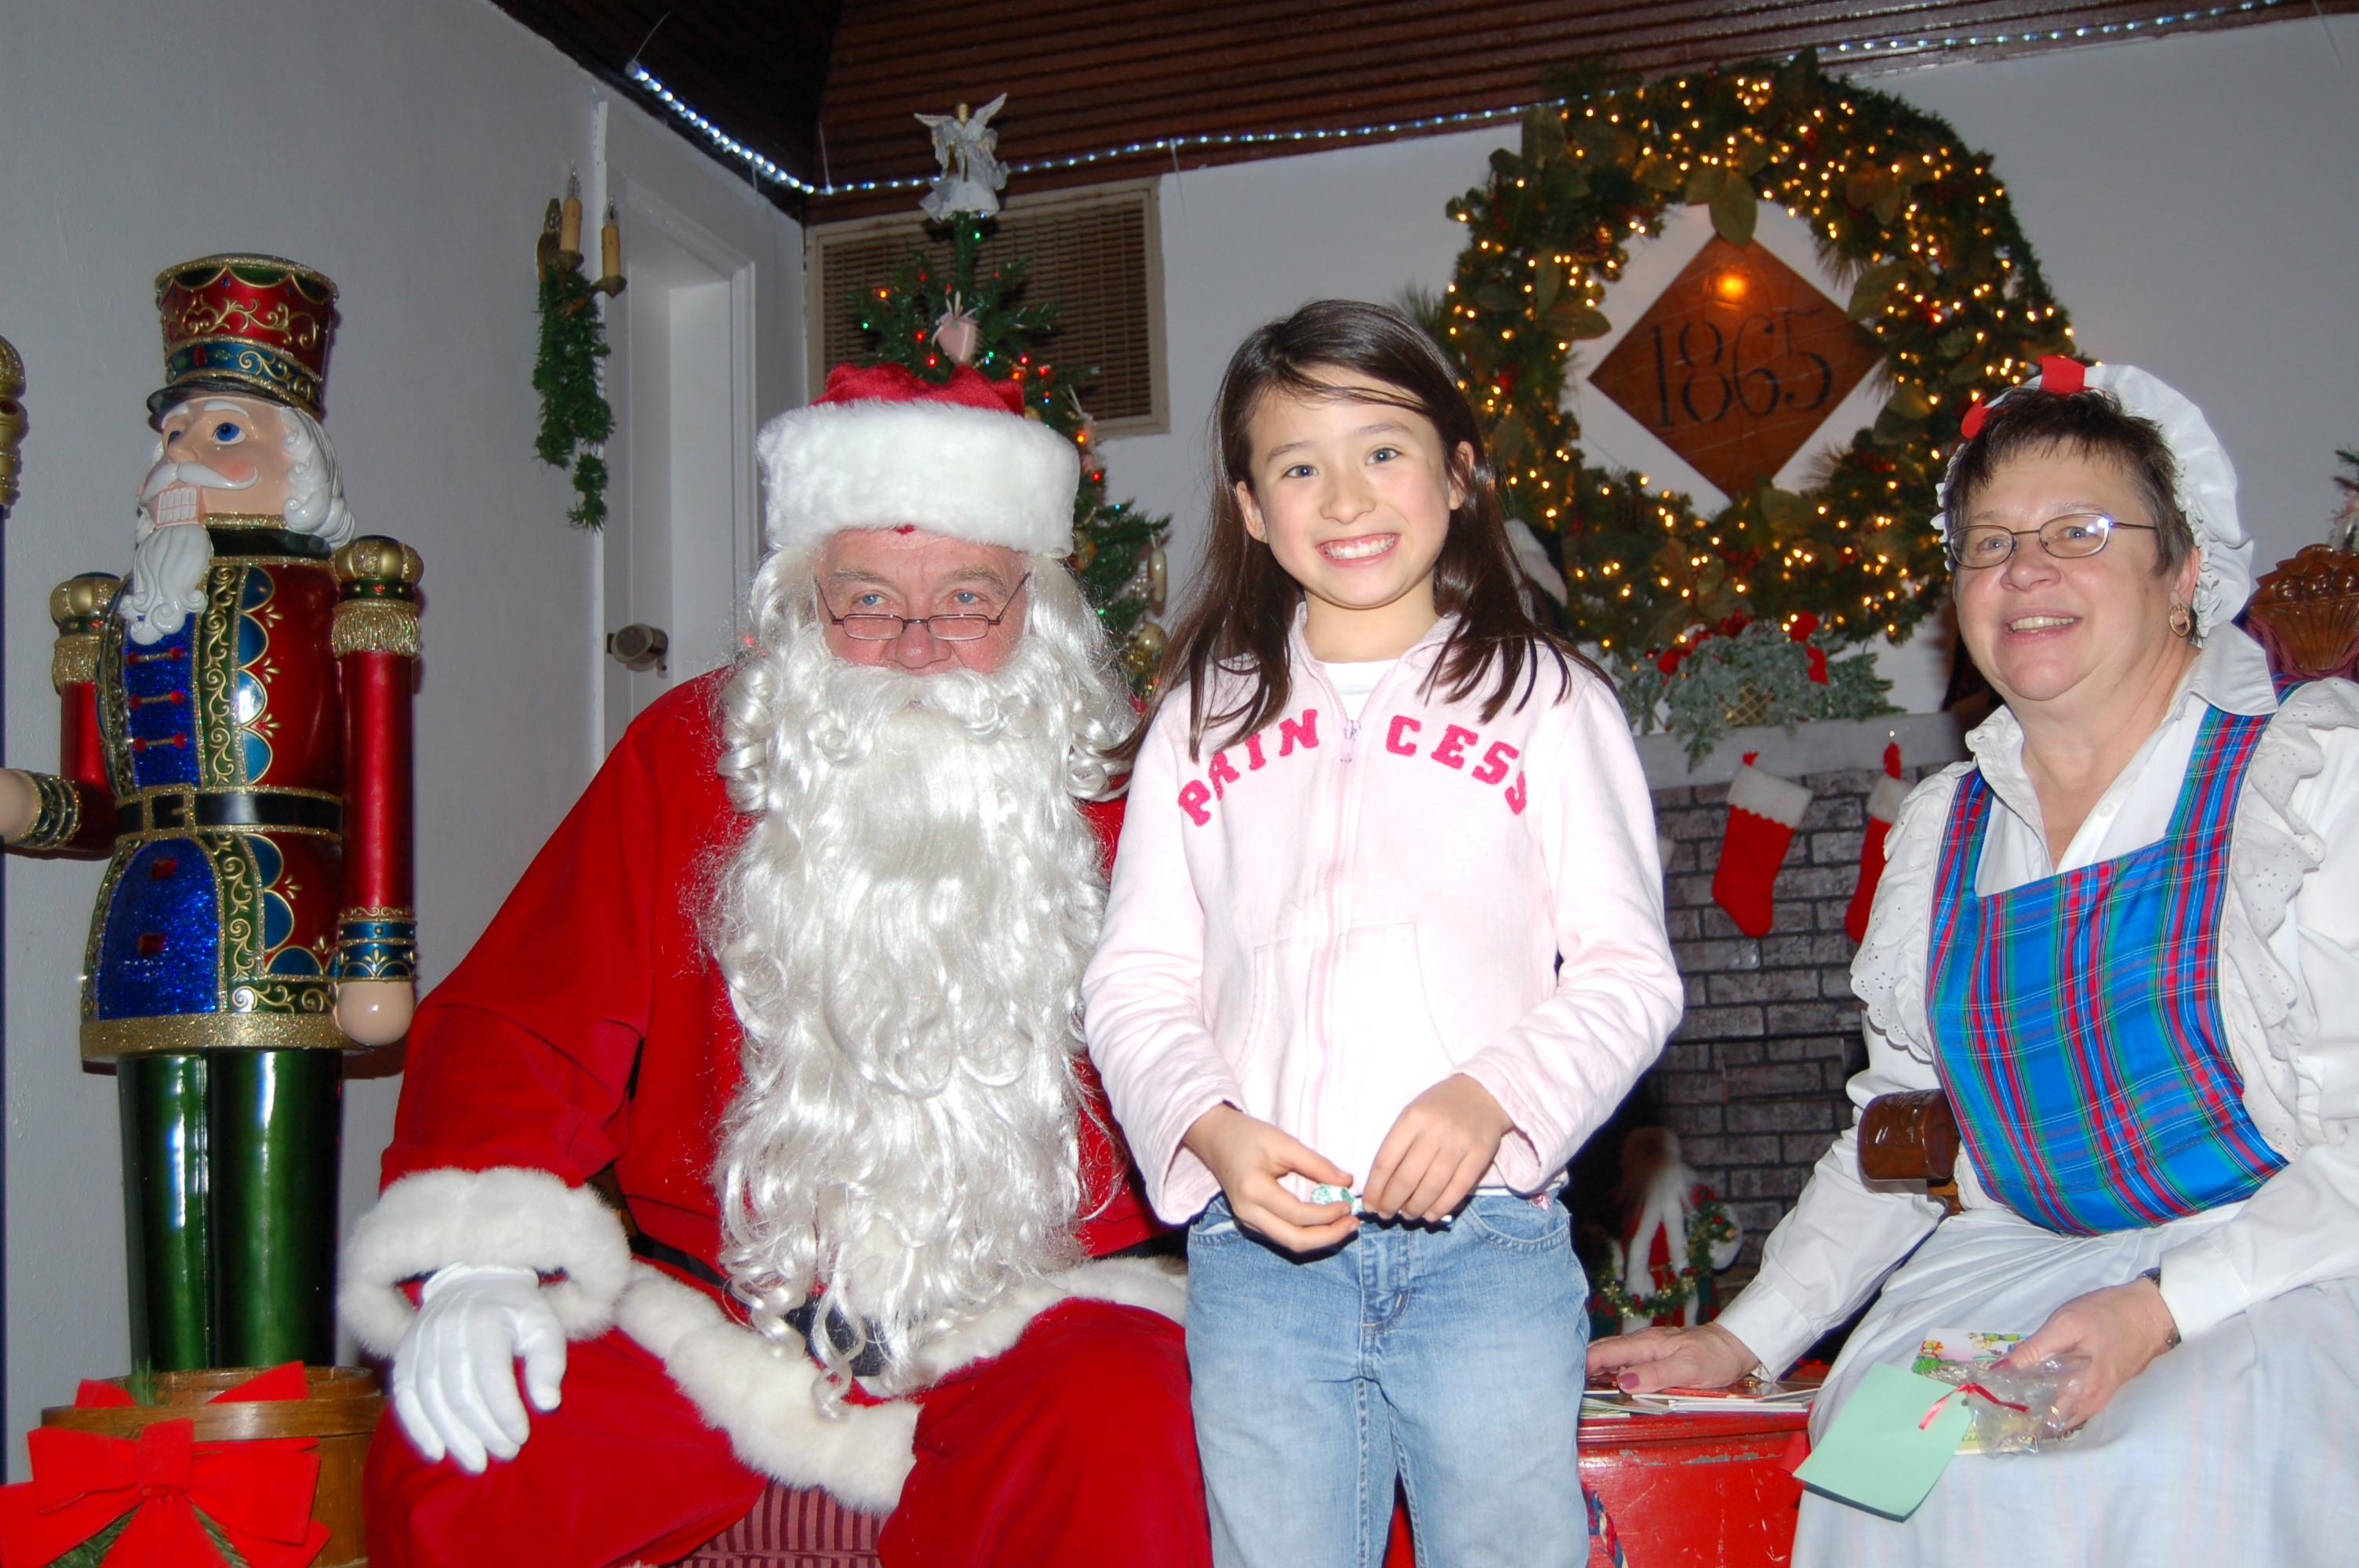 LolliPop+Lane+12-11-2008+Picture+029.jpg